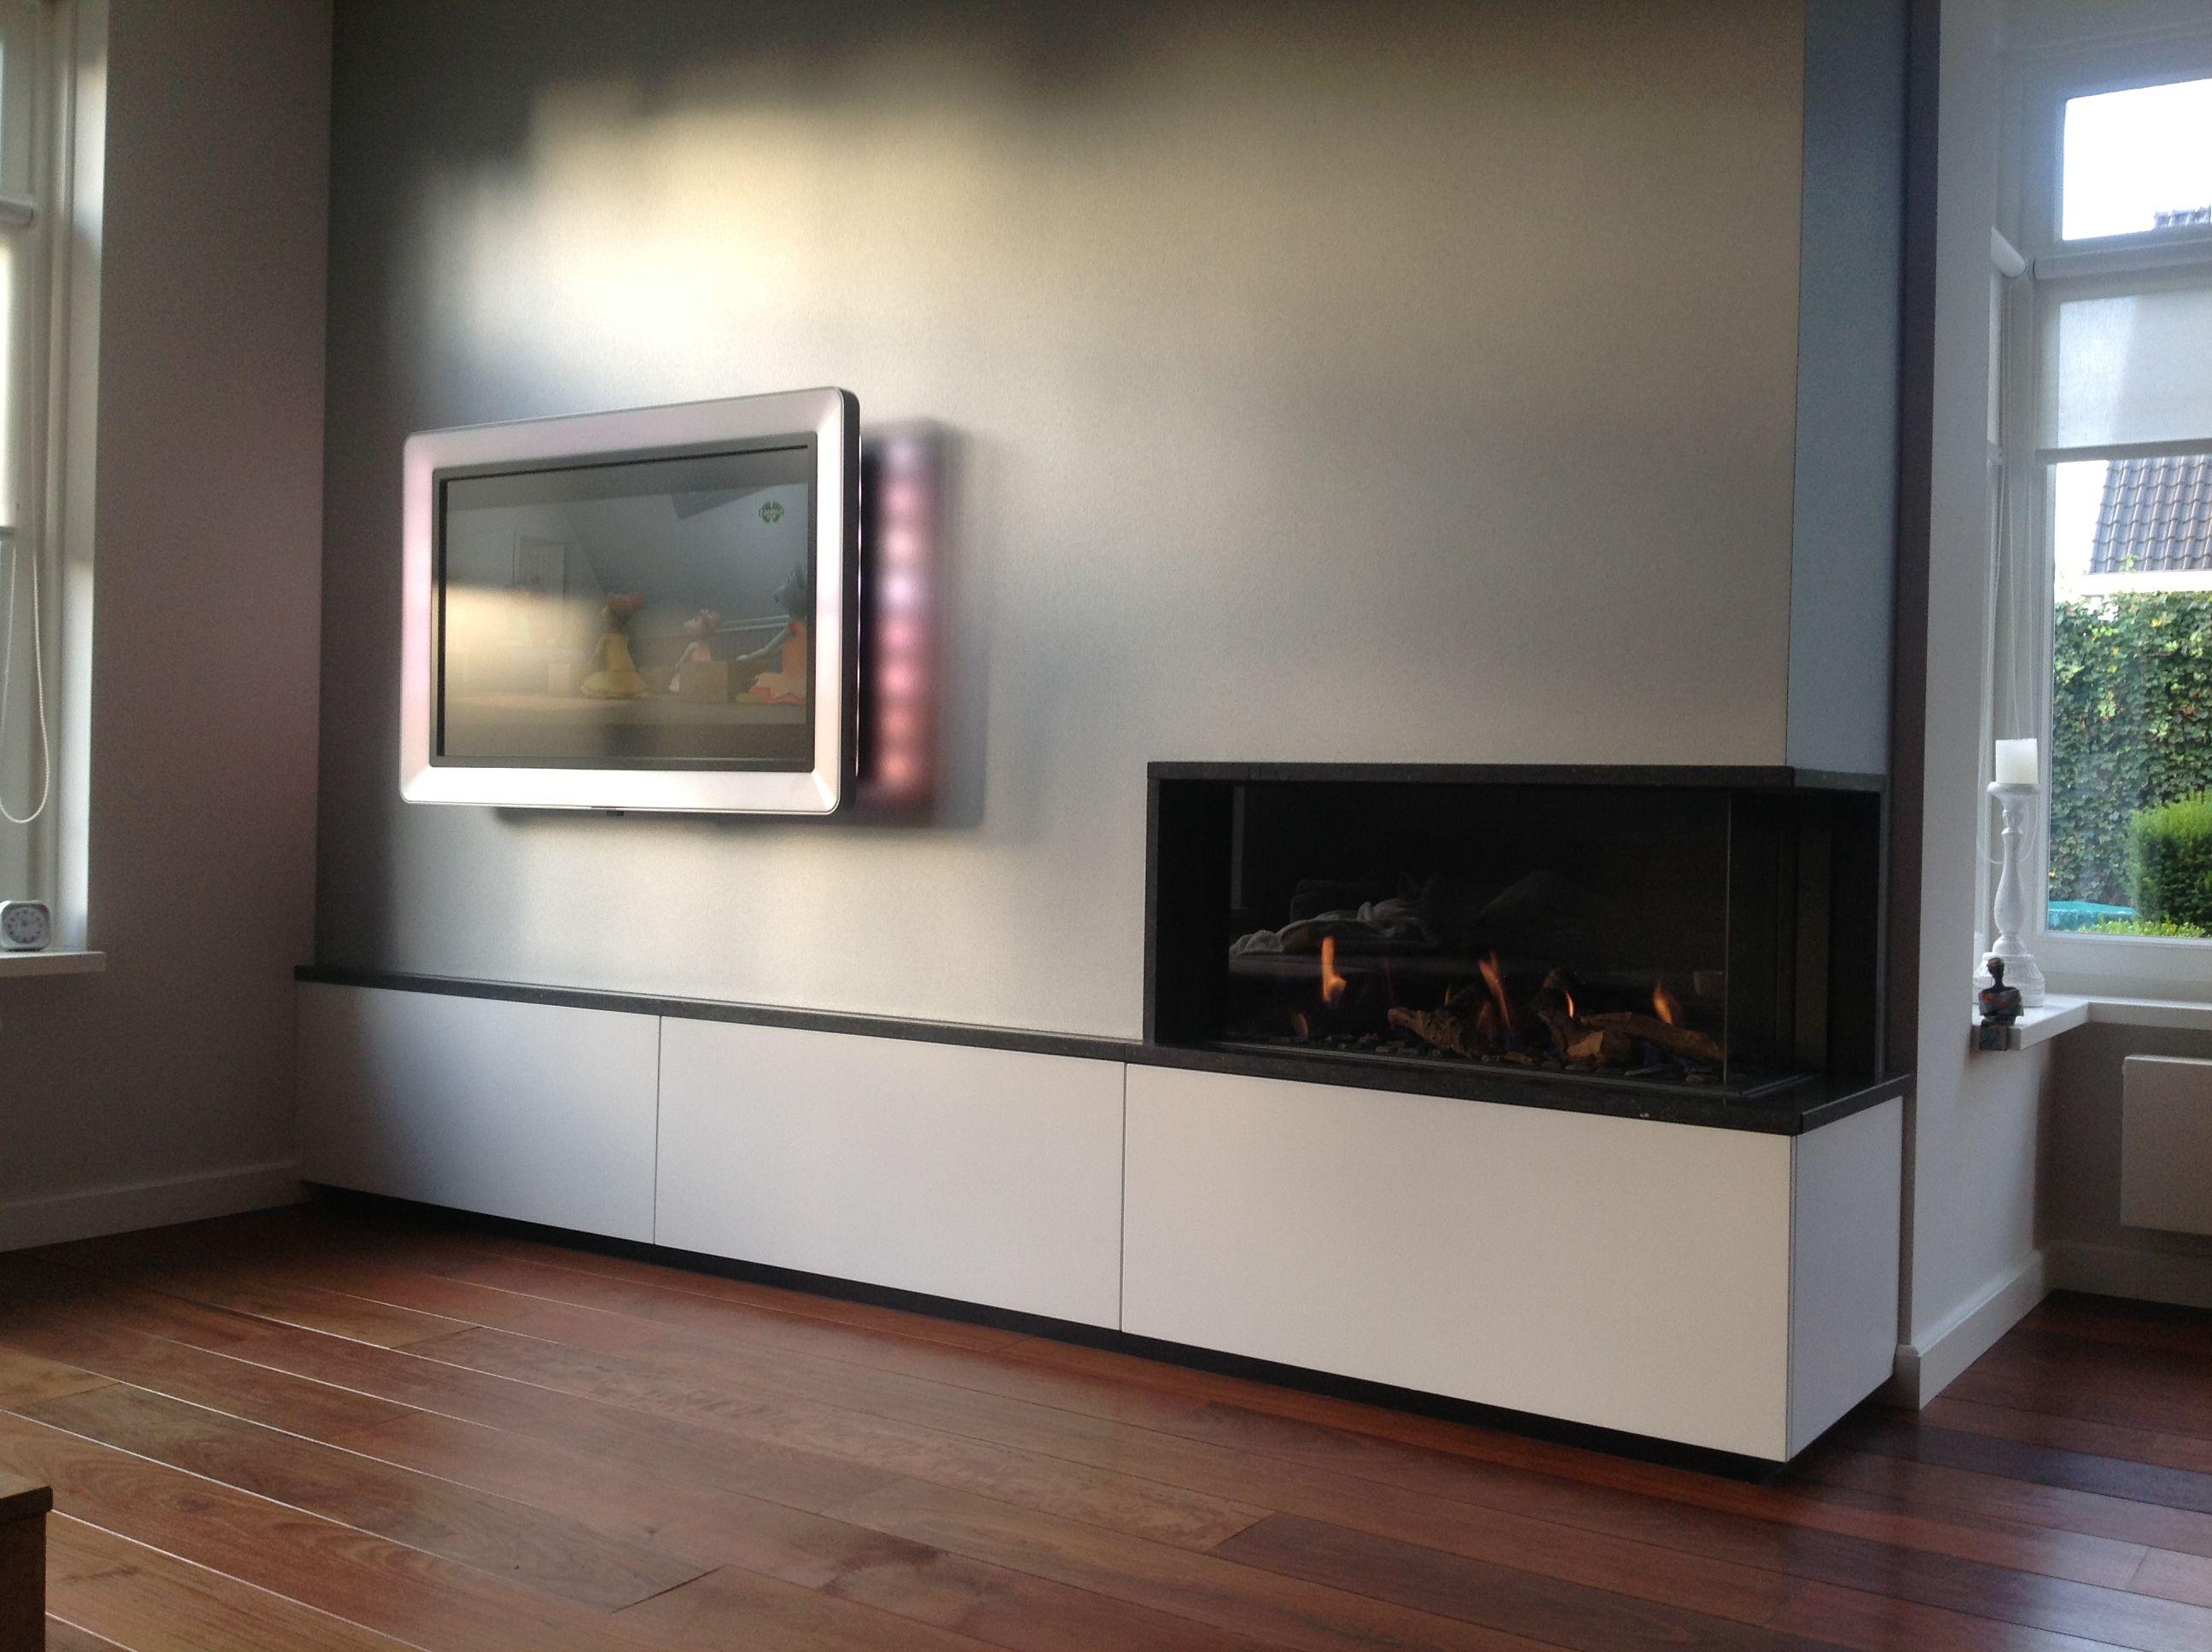 Hoek Gashaard Interieur Kast Met Lade Tv Ophanging Led Gashaard Wanden Interieur